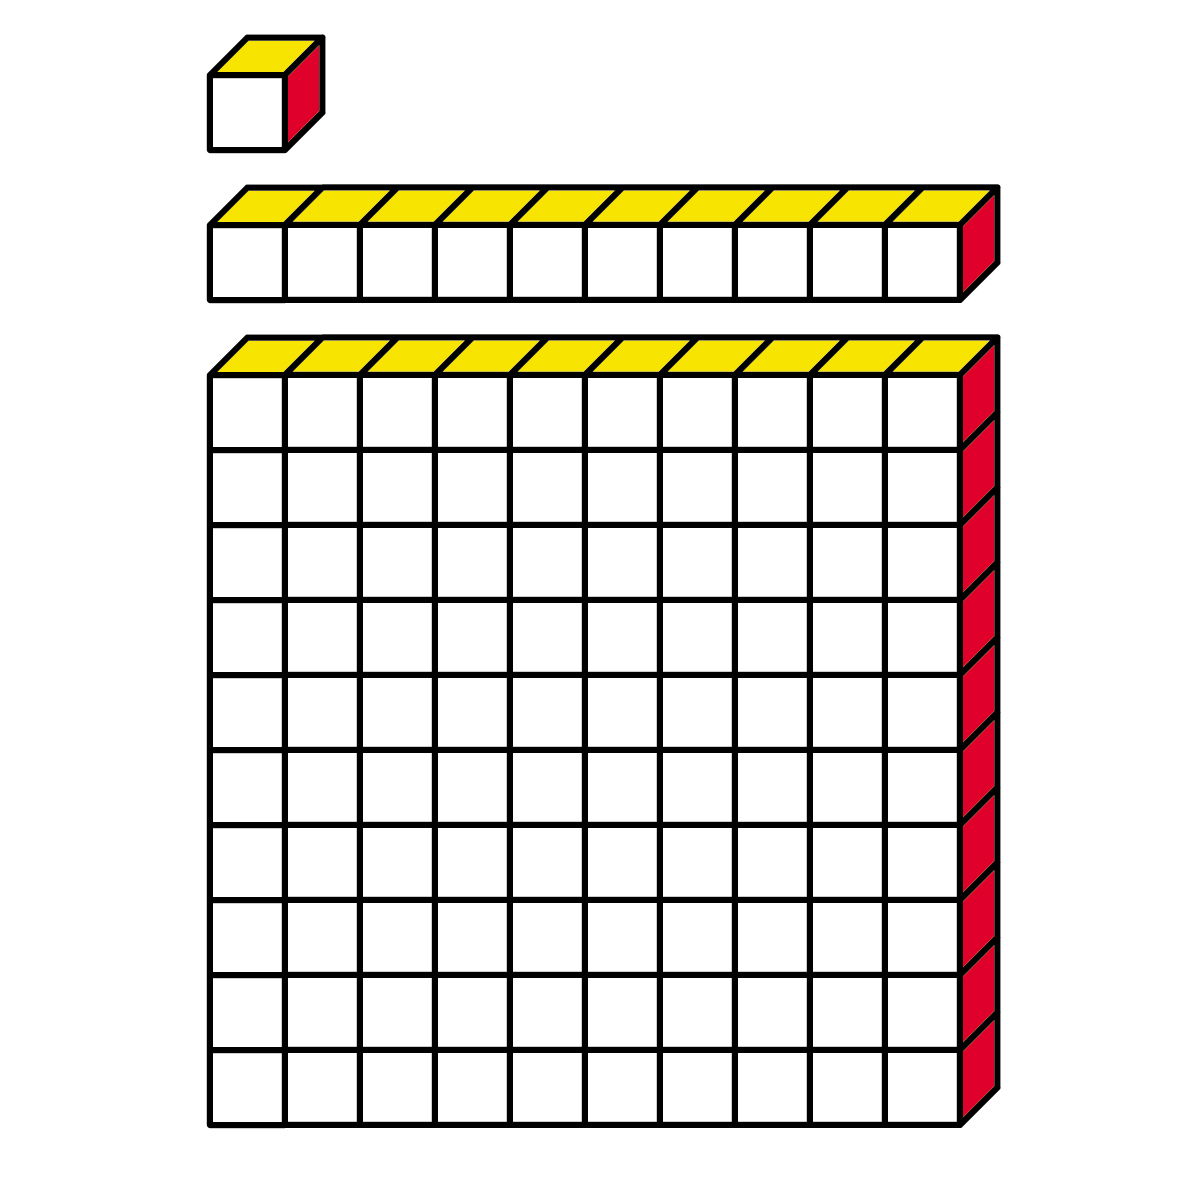 Base Ten Blocks Clipart Cliparts Co-Base Ten Blocks Clipart Cliparts Co-5